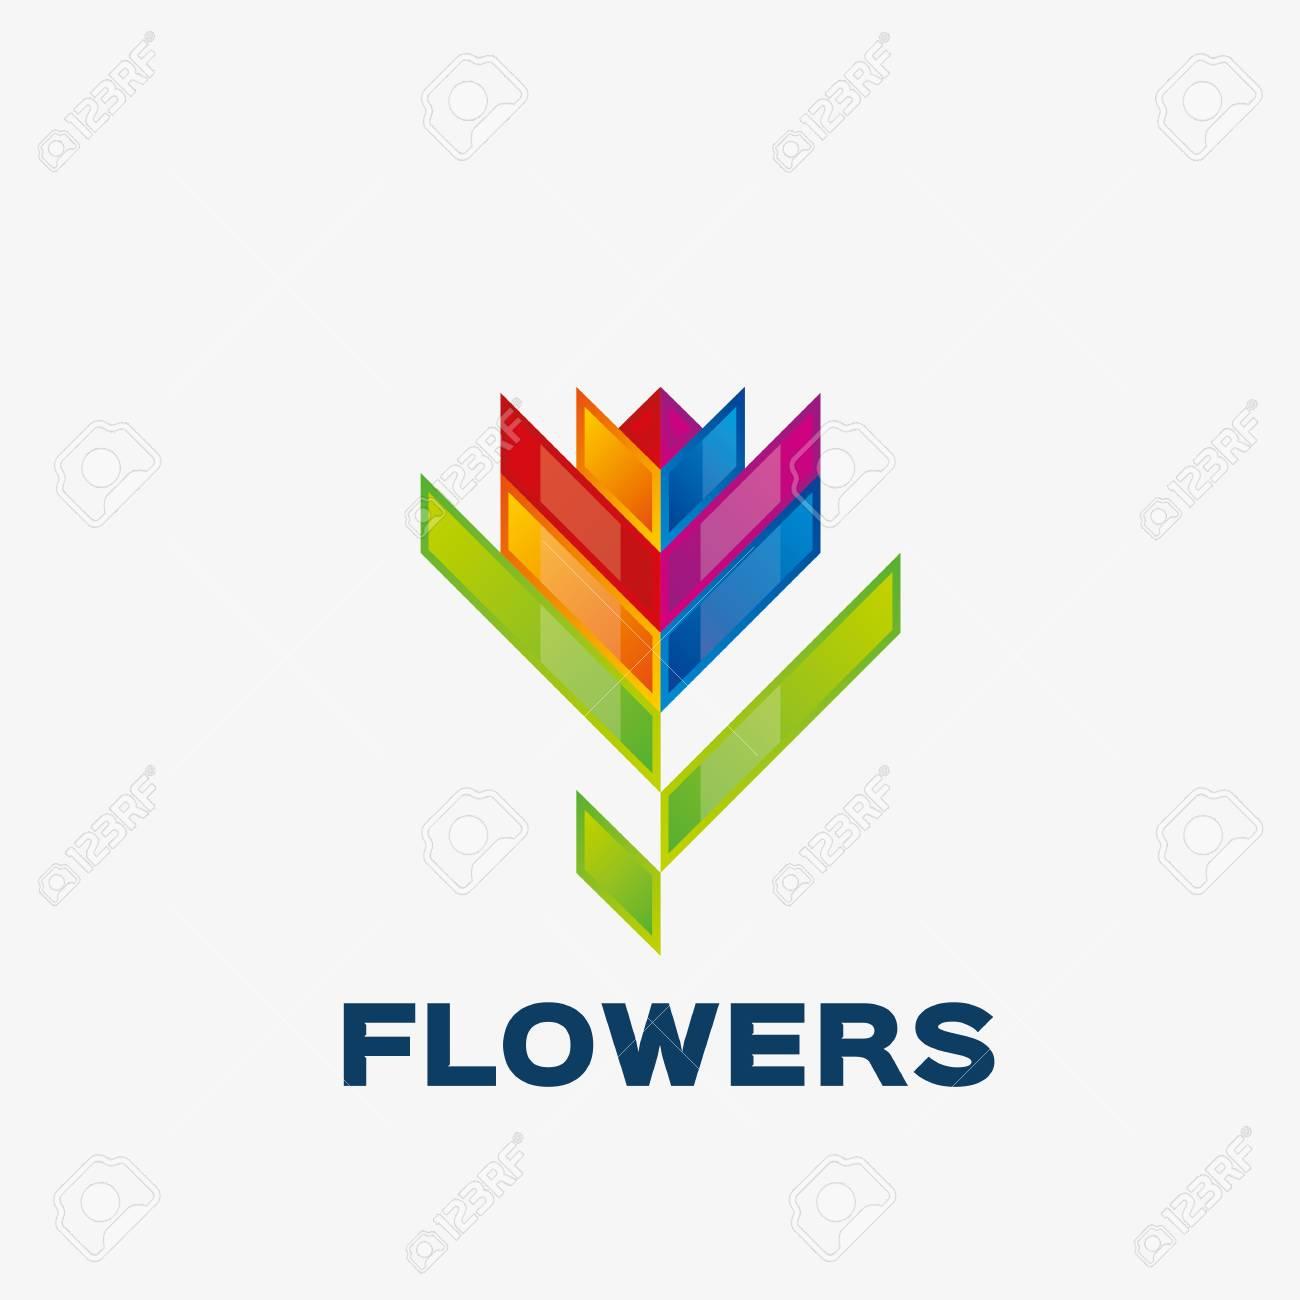 bdcaf48202ede Banque d'images - Logo de fleur abstraite. Modèle de conception de logo  d'entreprise abstraite. Modèle de logo modifiable pour votre entreprise.